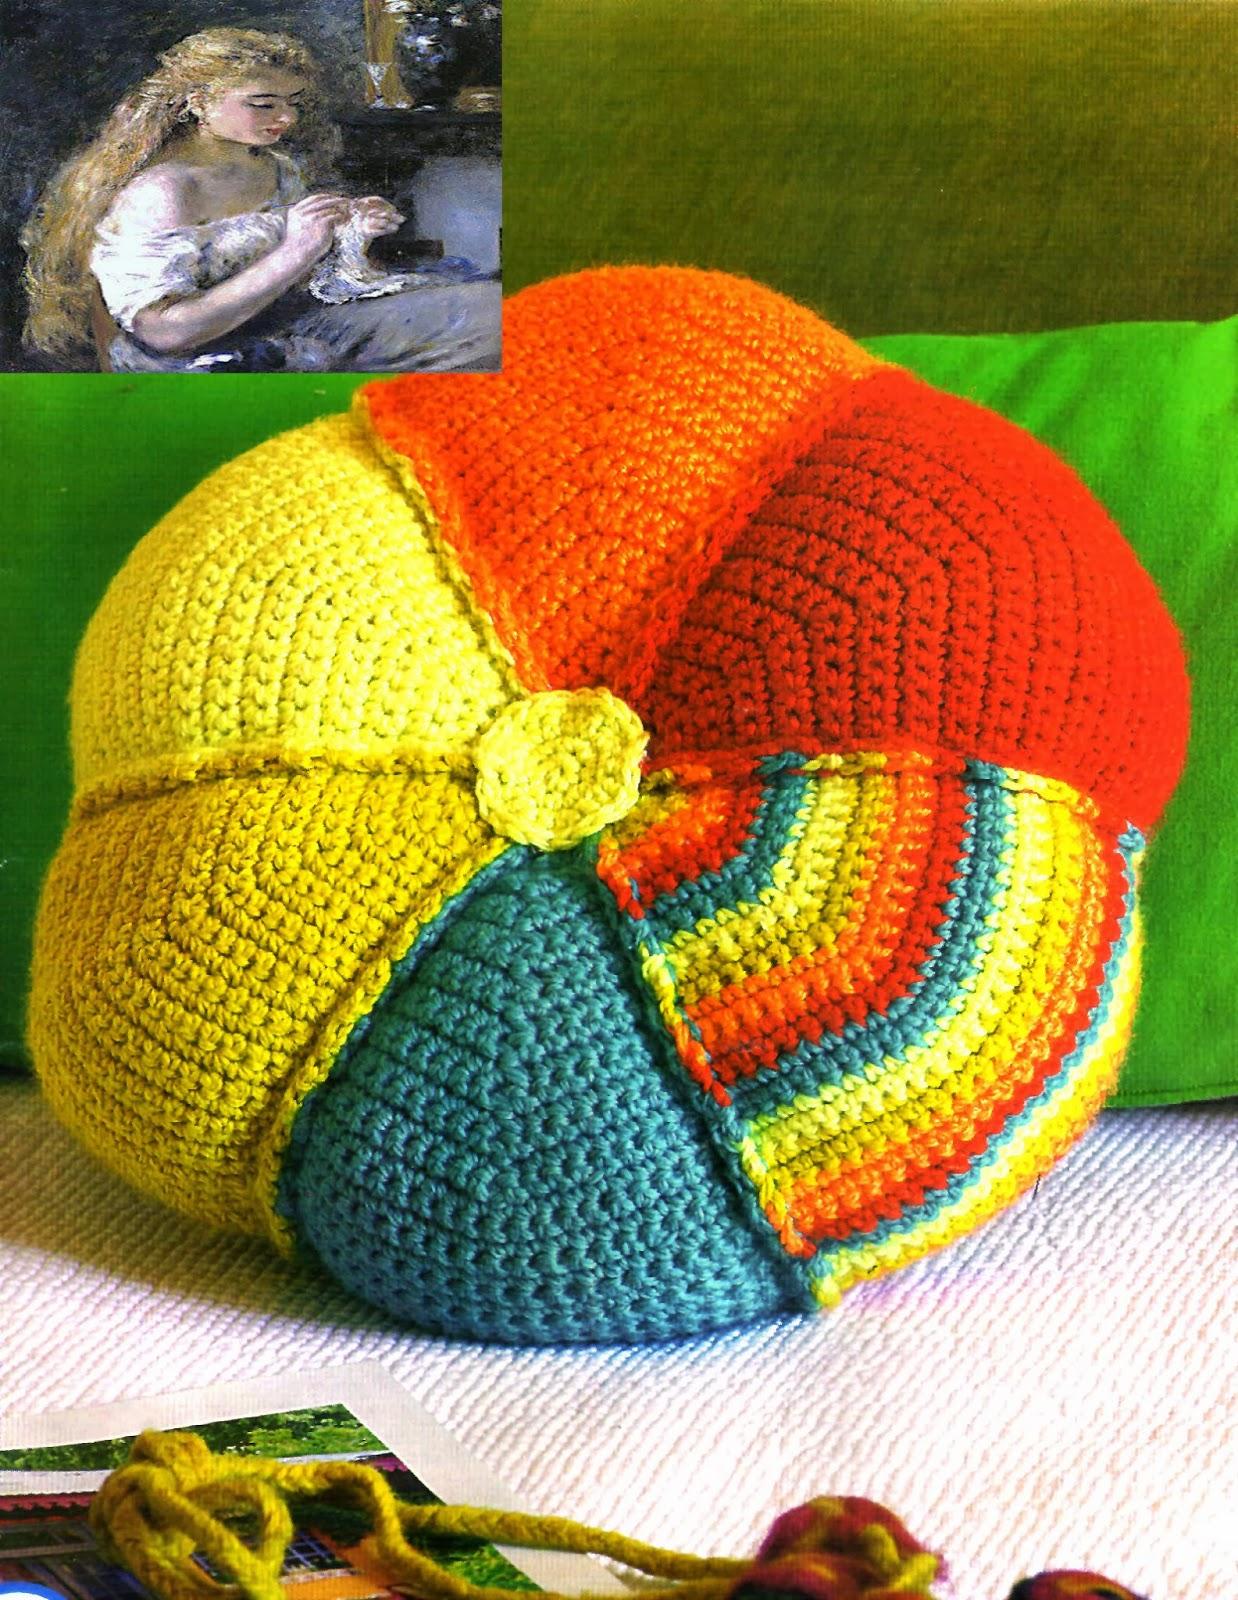 tejidos artesanales en crochet almohadon flor multicolor. Black Bedroom Furniture Sets. Home Design Ideas